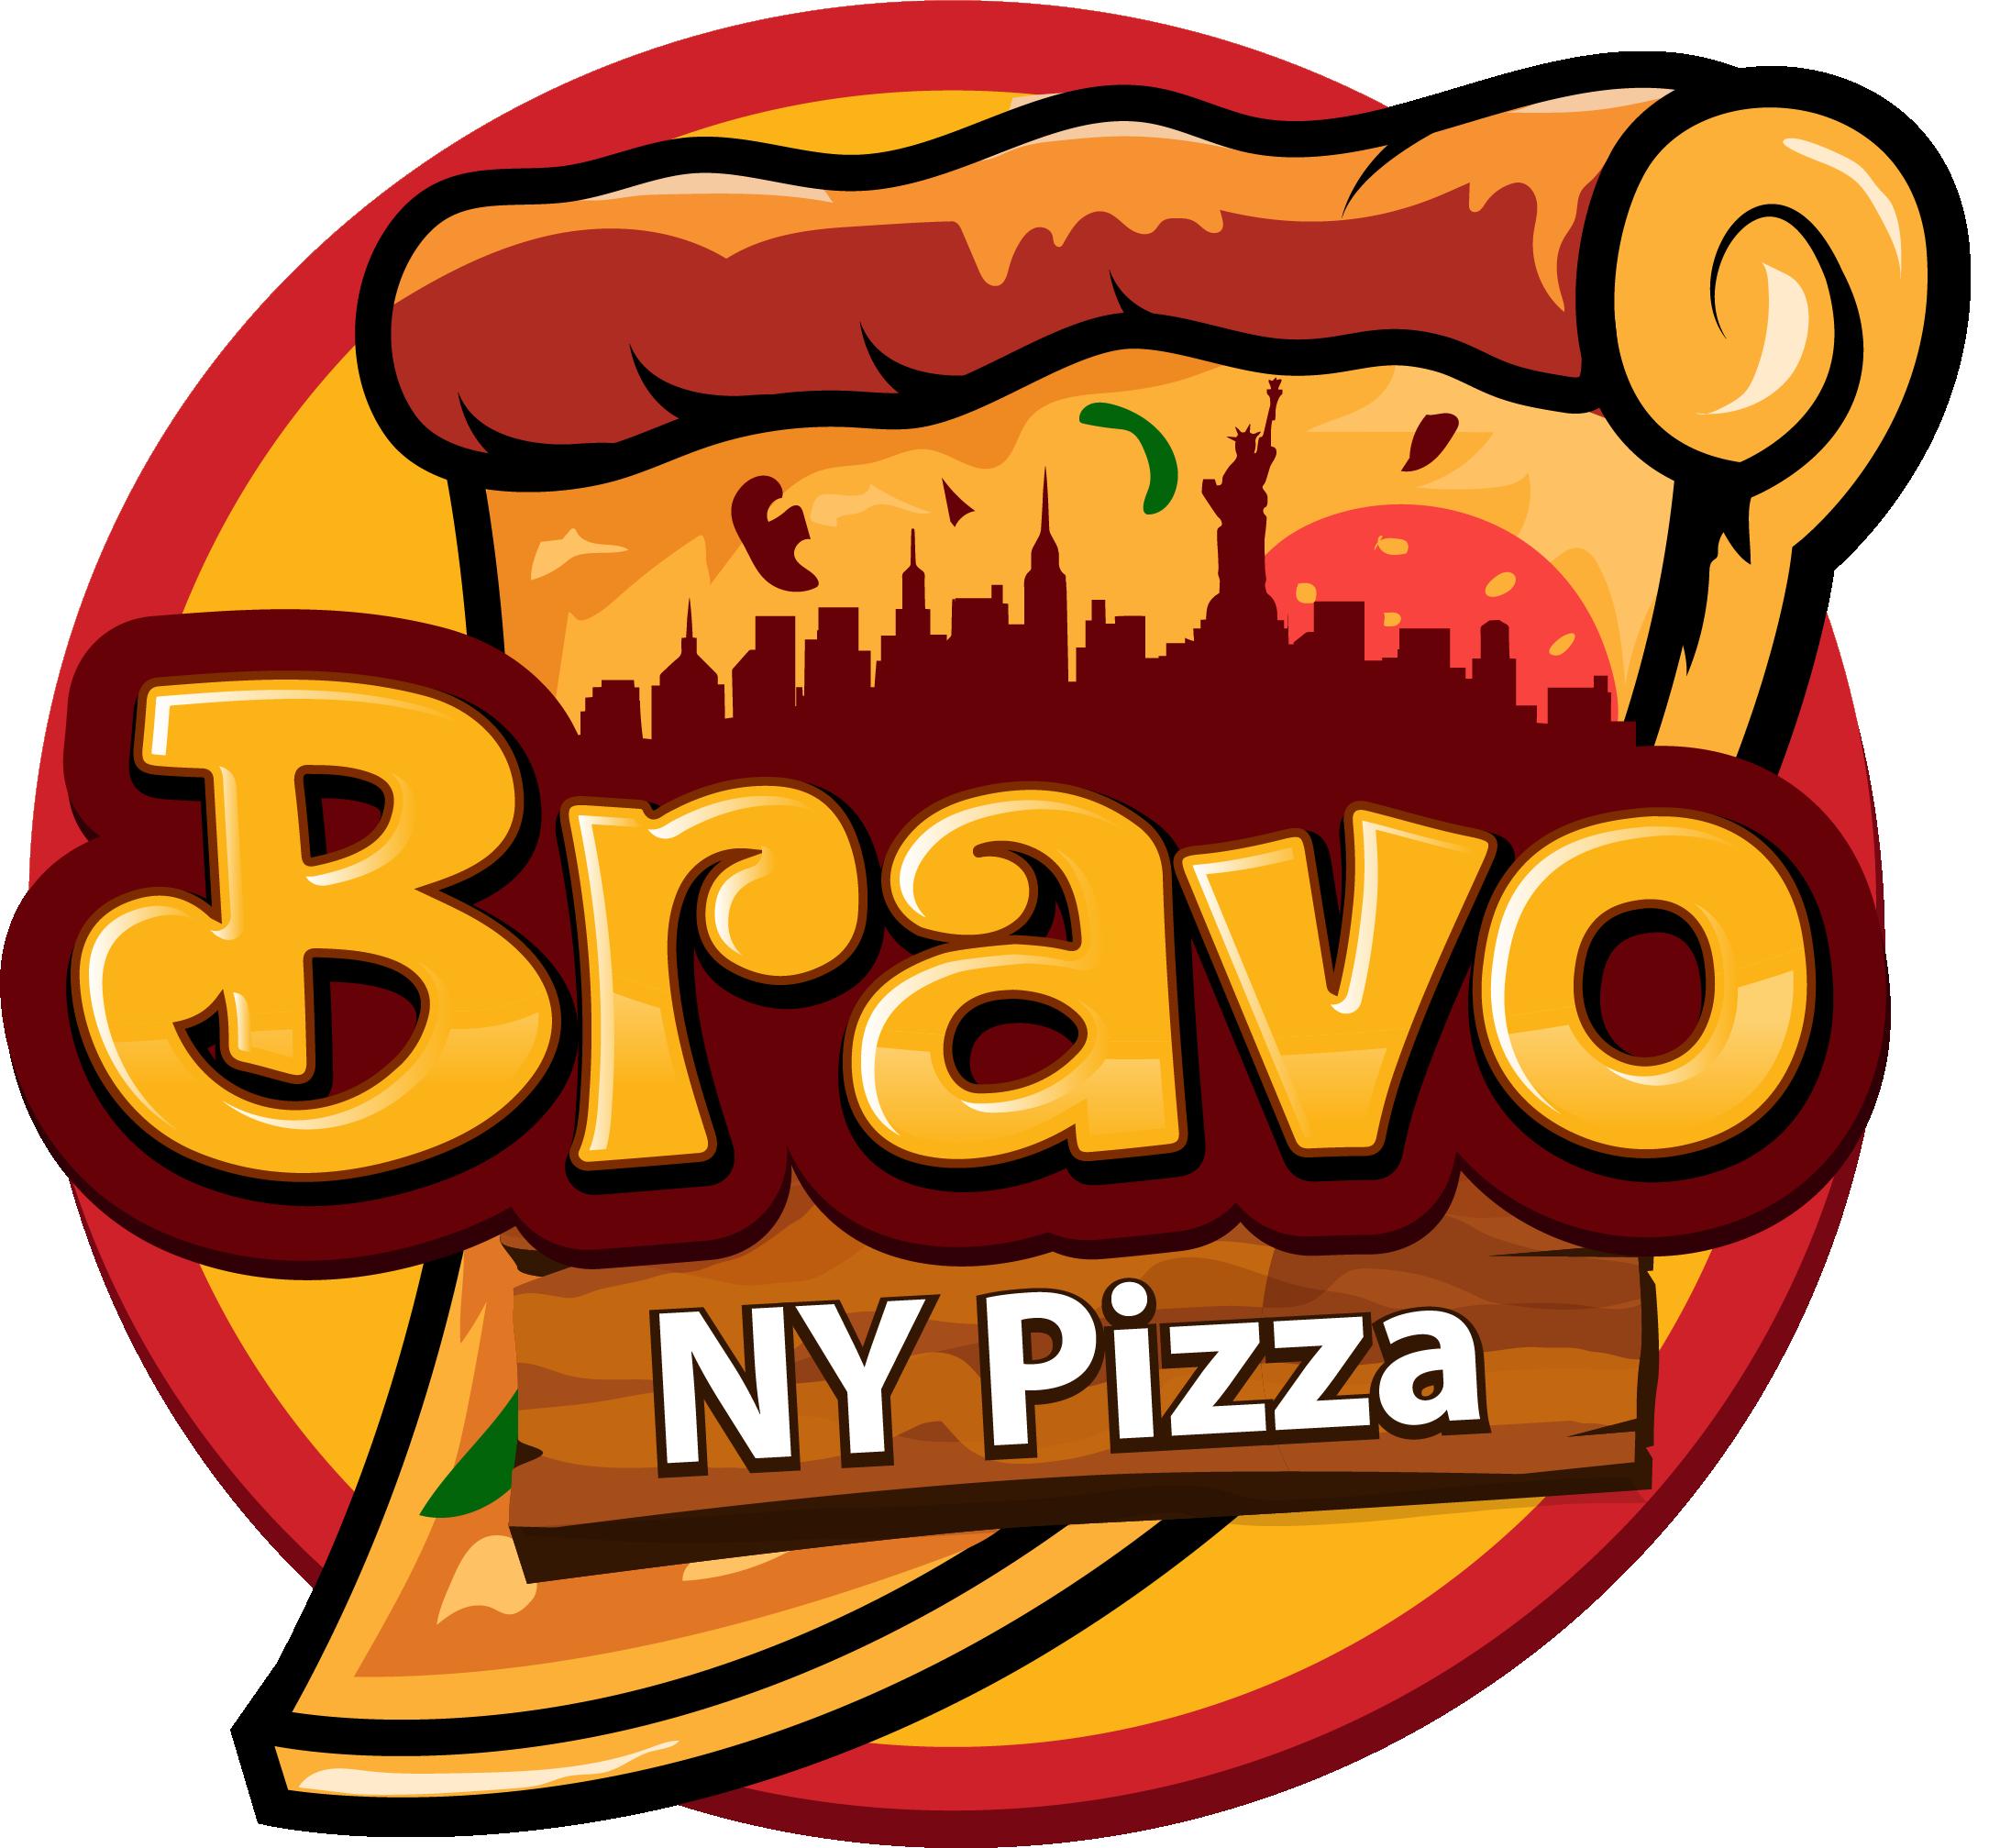 Bravo NY Pizza